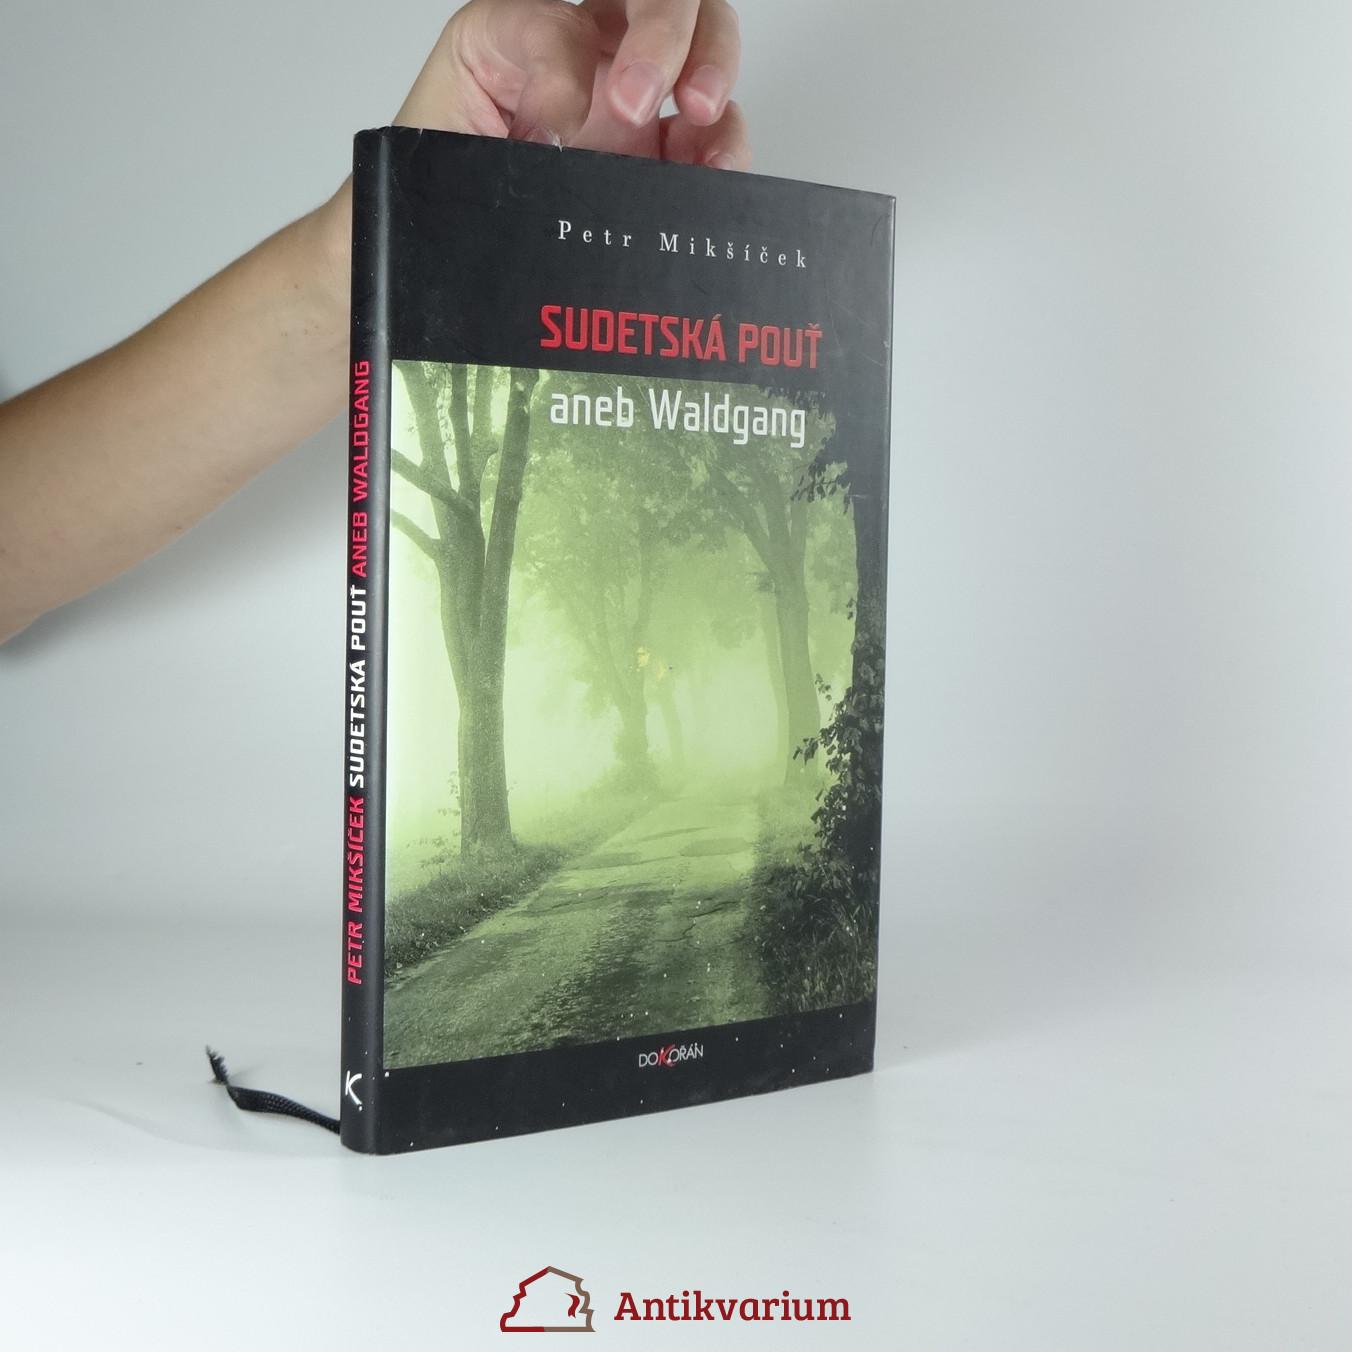 antikvární kniha Sudetská pouť, aneb, Waldgang, 2006